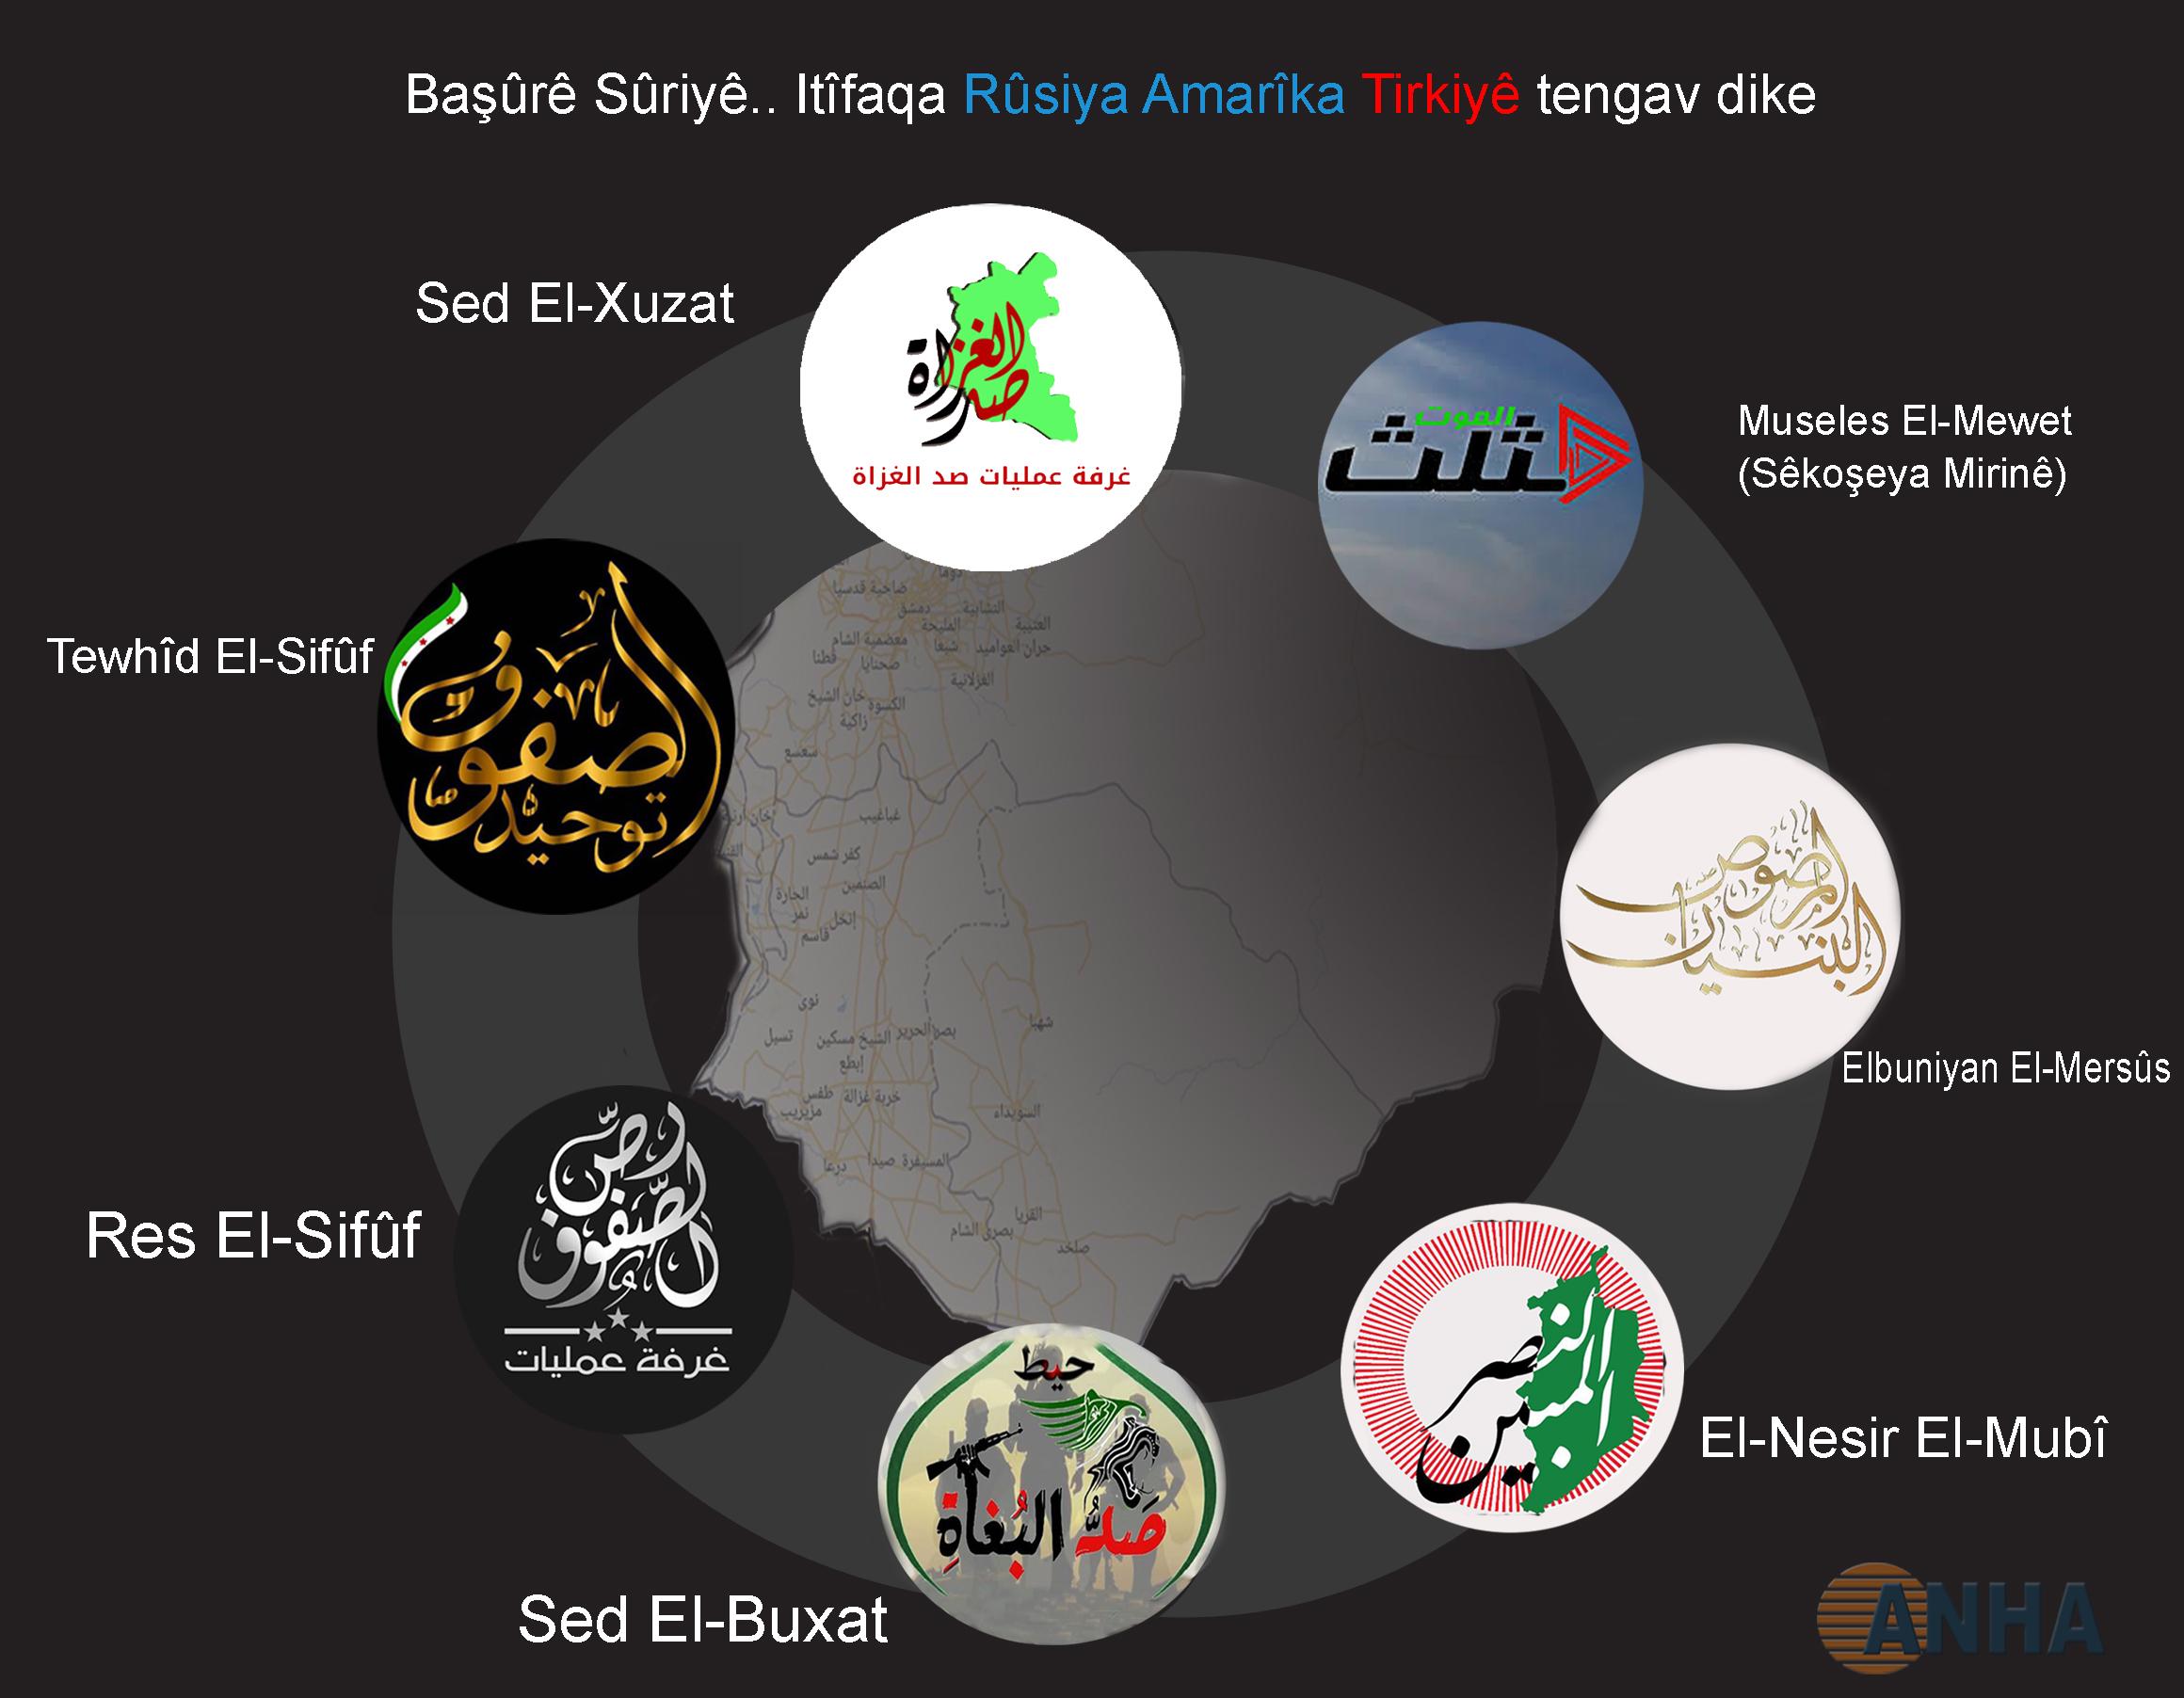 Photo of Başûrê Sûriyeyê… Îtîfaqa Rûsya û Amerîka Tirkiyeyê tengav dike- 1